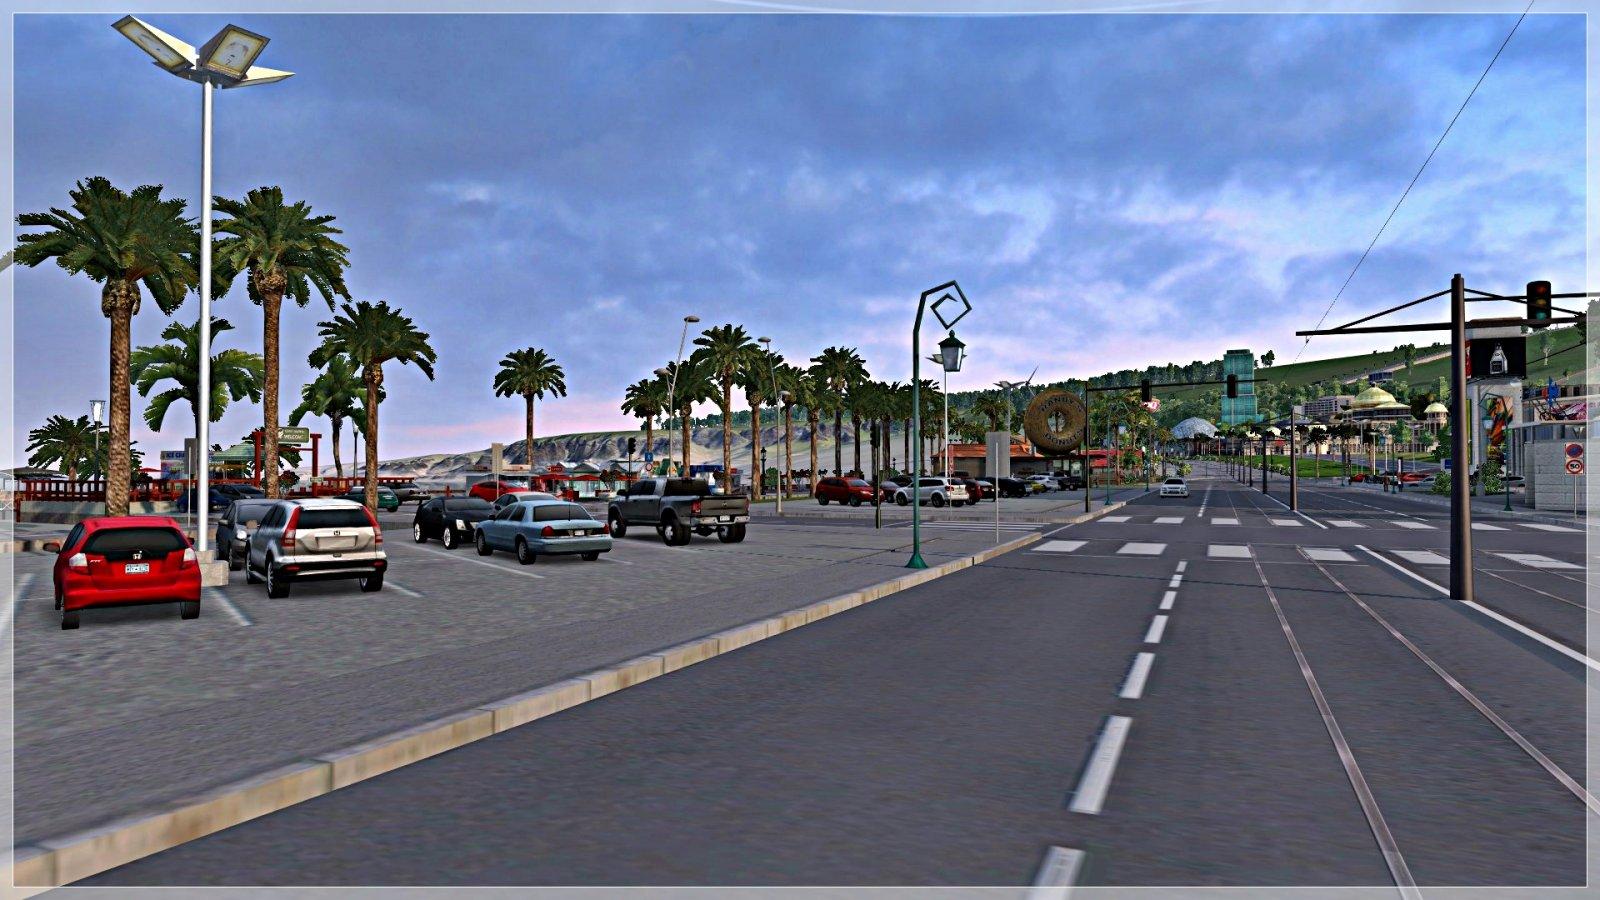 gamescreen0017.jpg